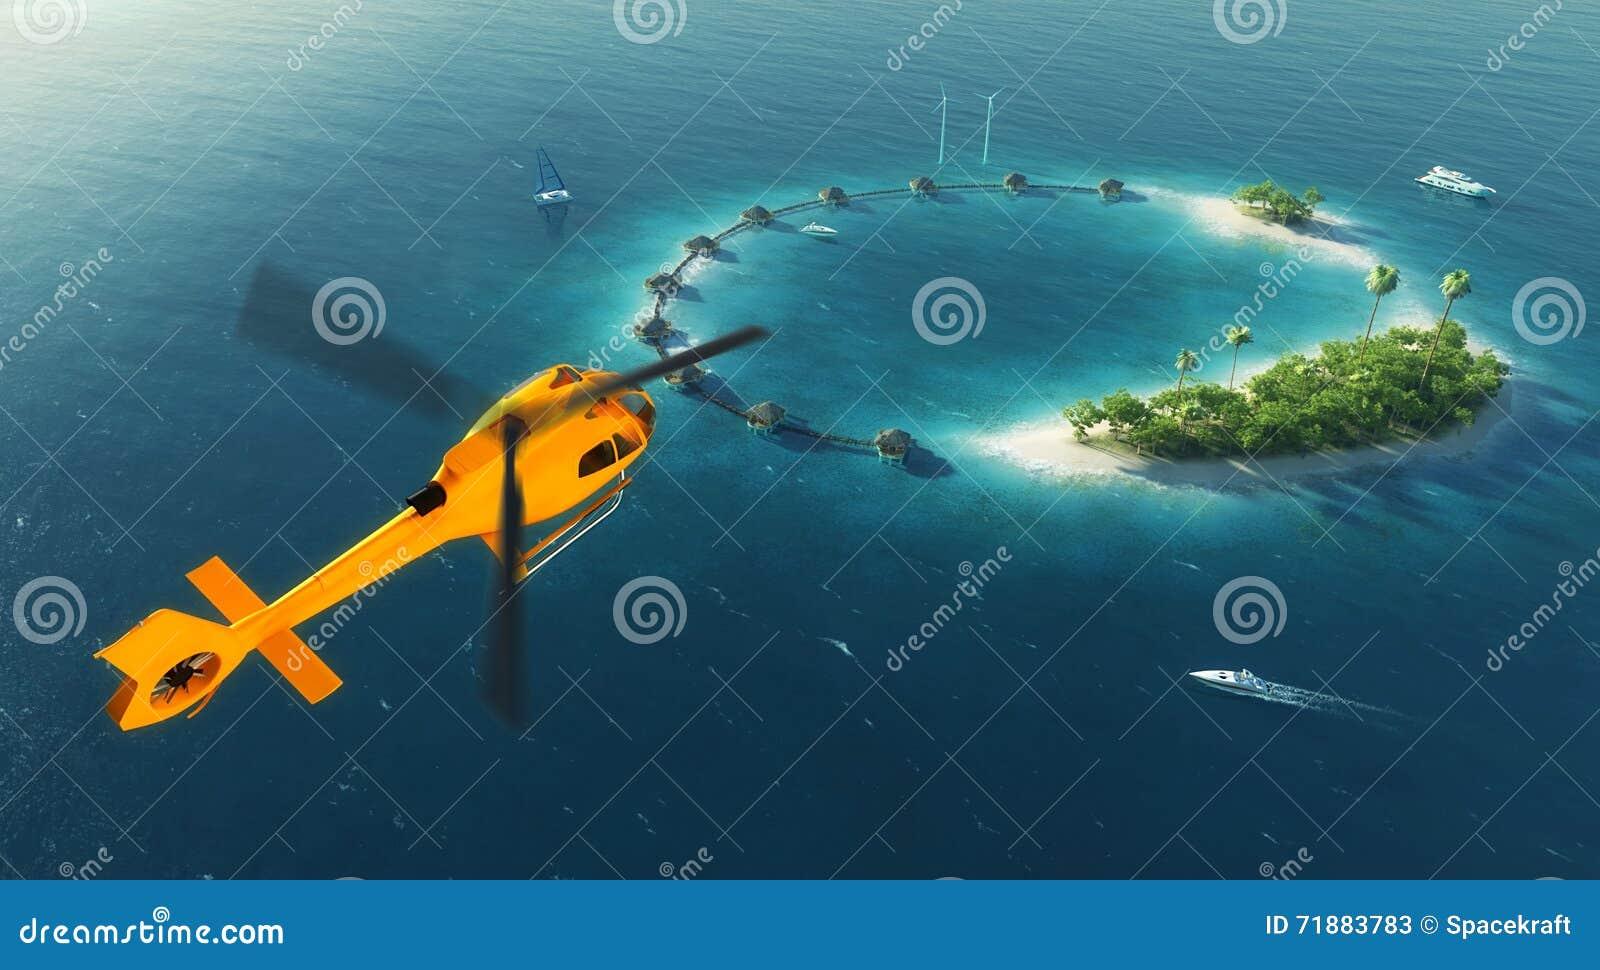 Île tropicale d été Petit hélicoptère volant à l île tropicale de paradis privé avec de l énergie et des pavillons de turbines de